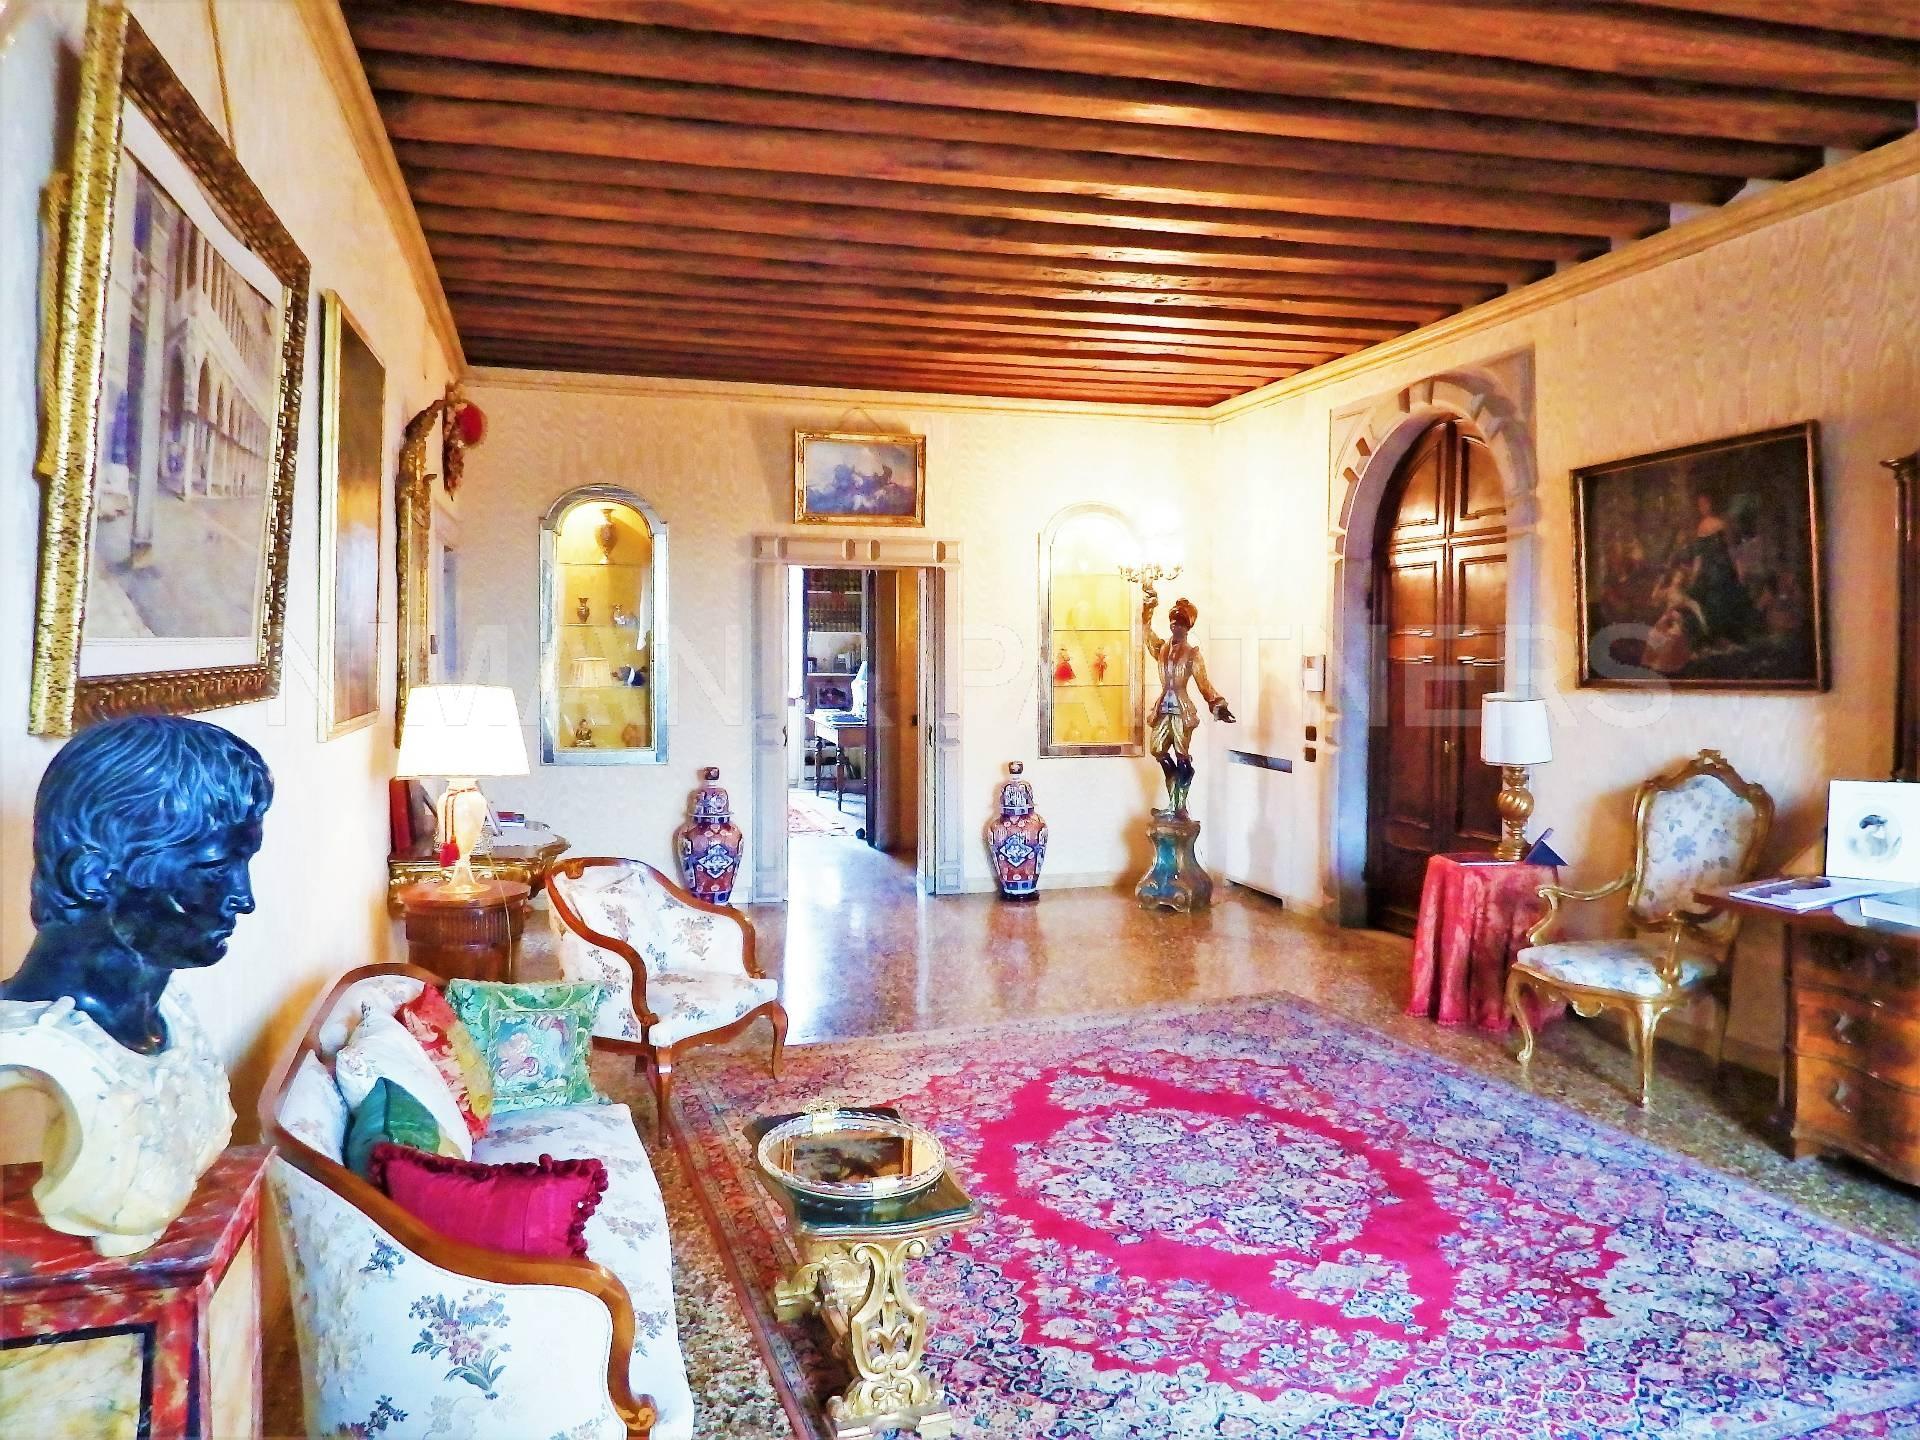 Appartamento in vendita a Venezia, 7 locali, zona Zona: 4 . Castello, prezzo € 2.000.000 | Cambio Casa.it